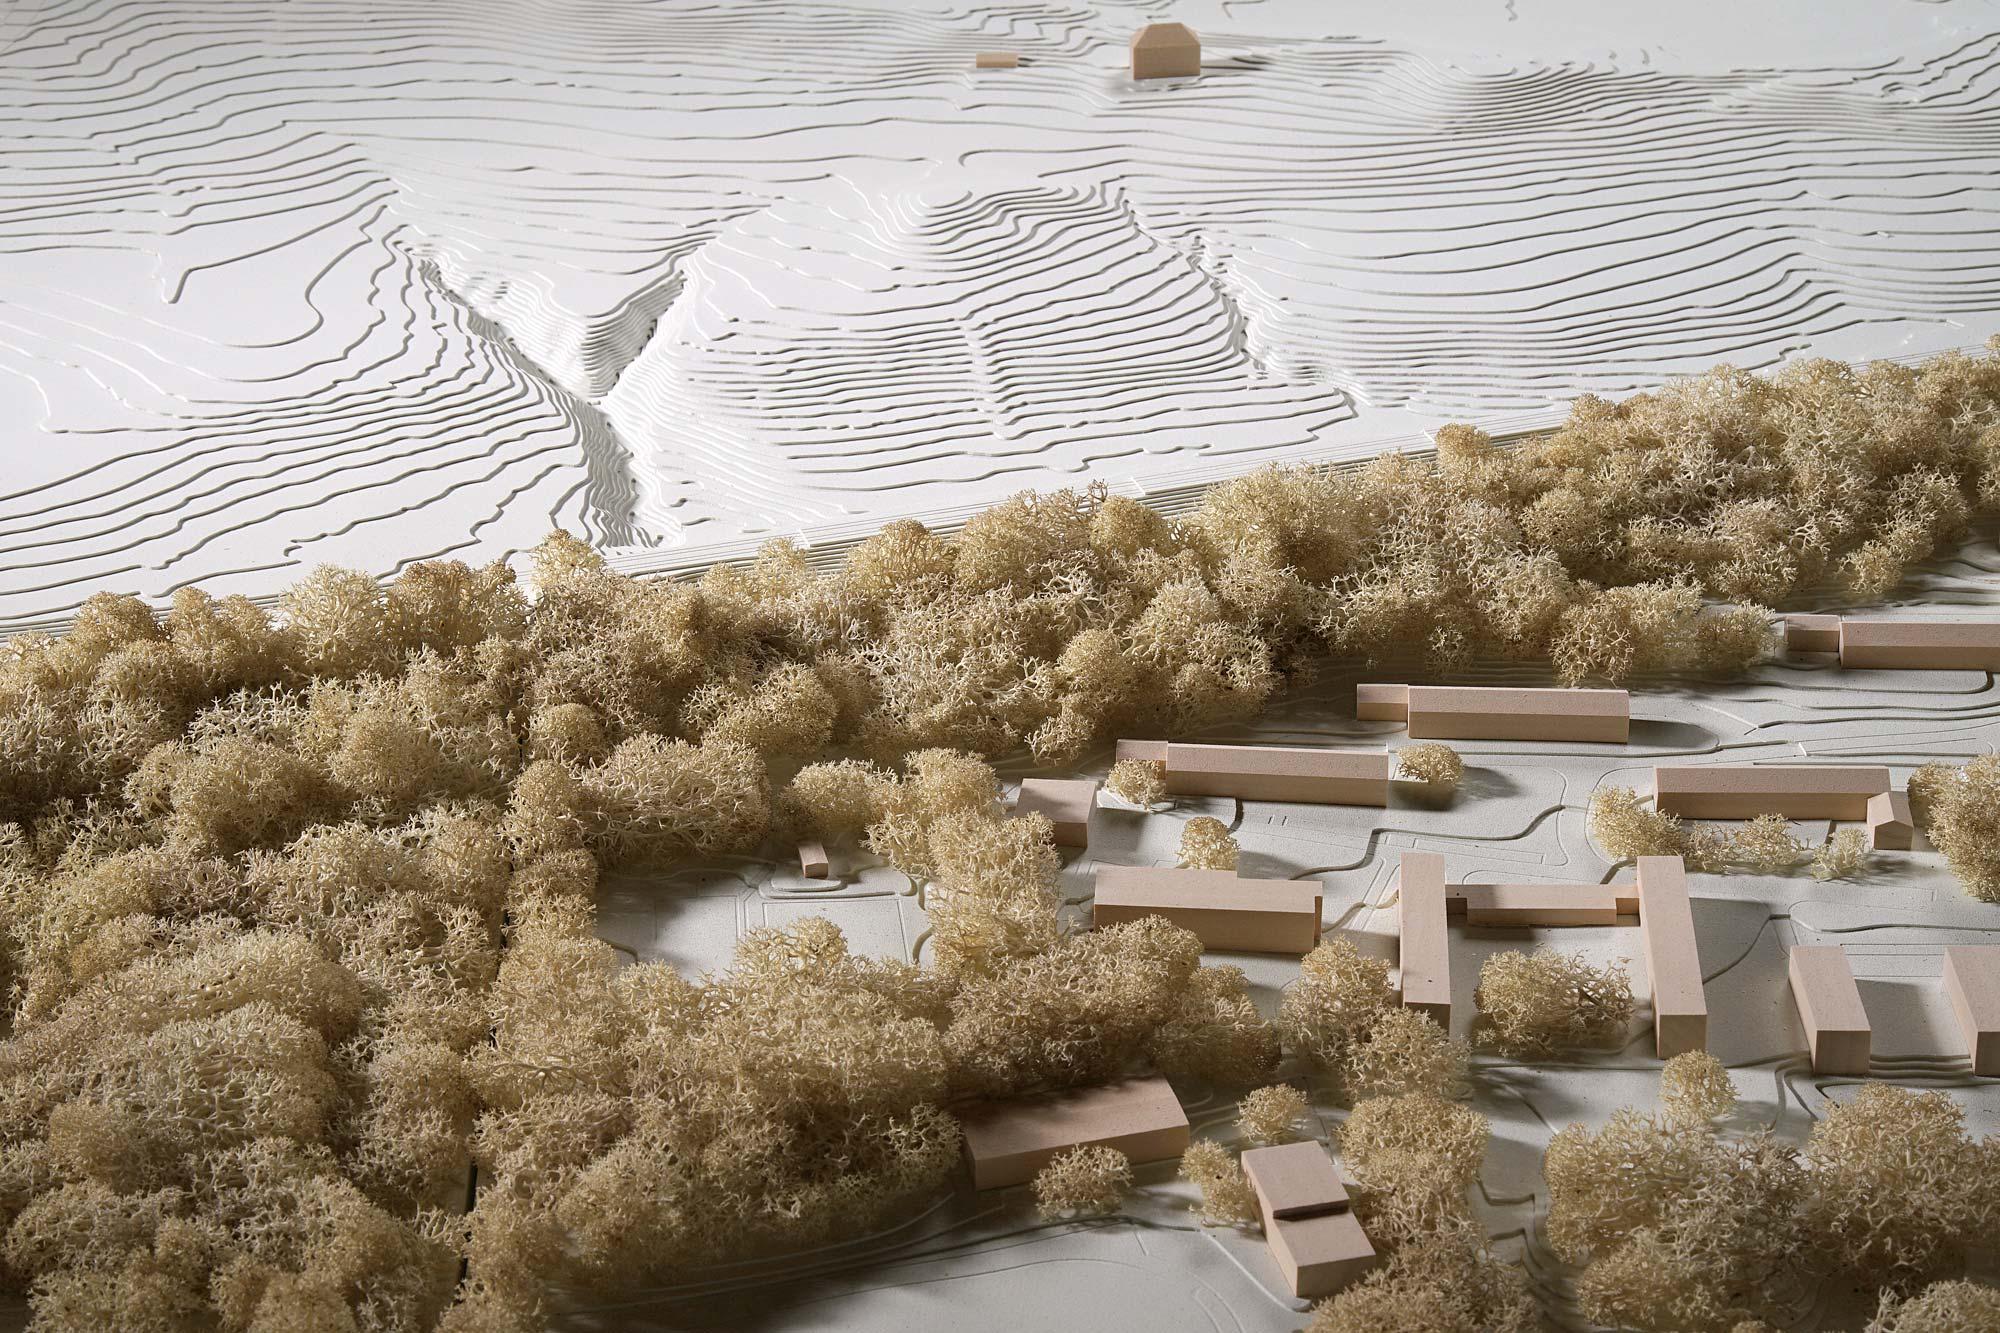 Vegetation und Freiraum im Modell